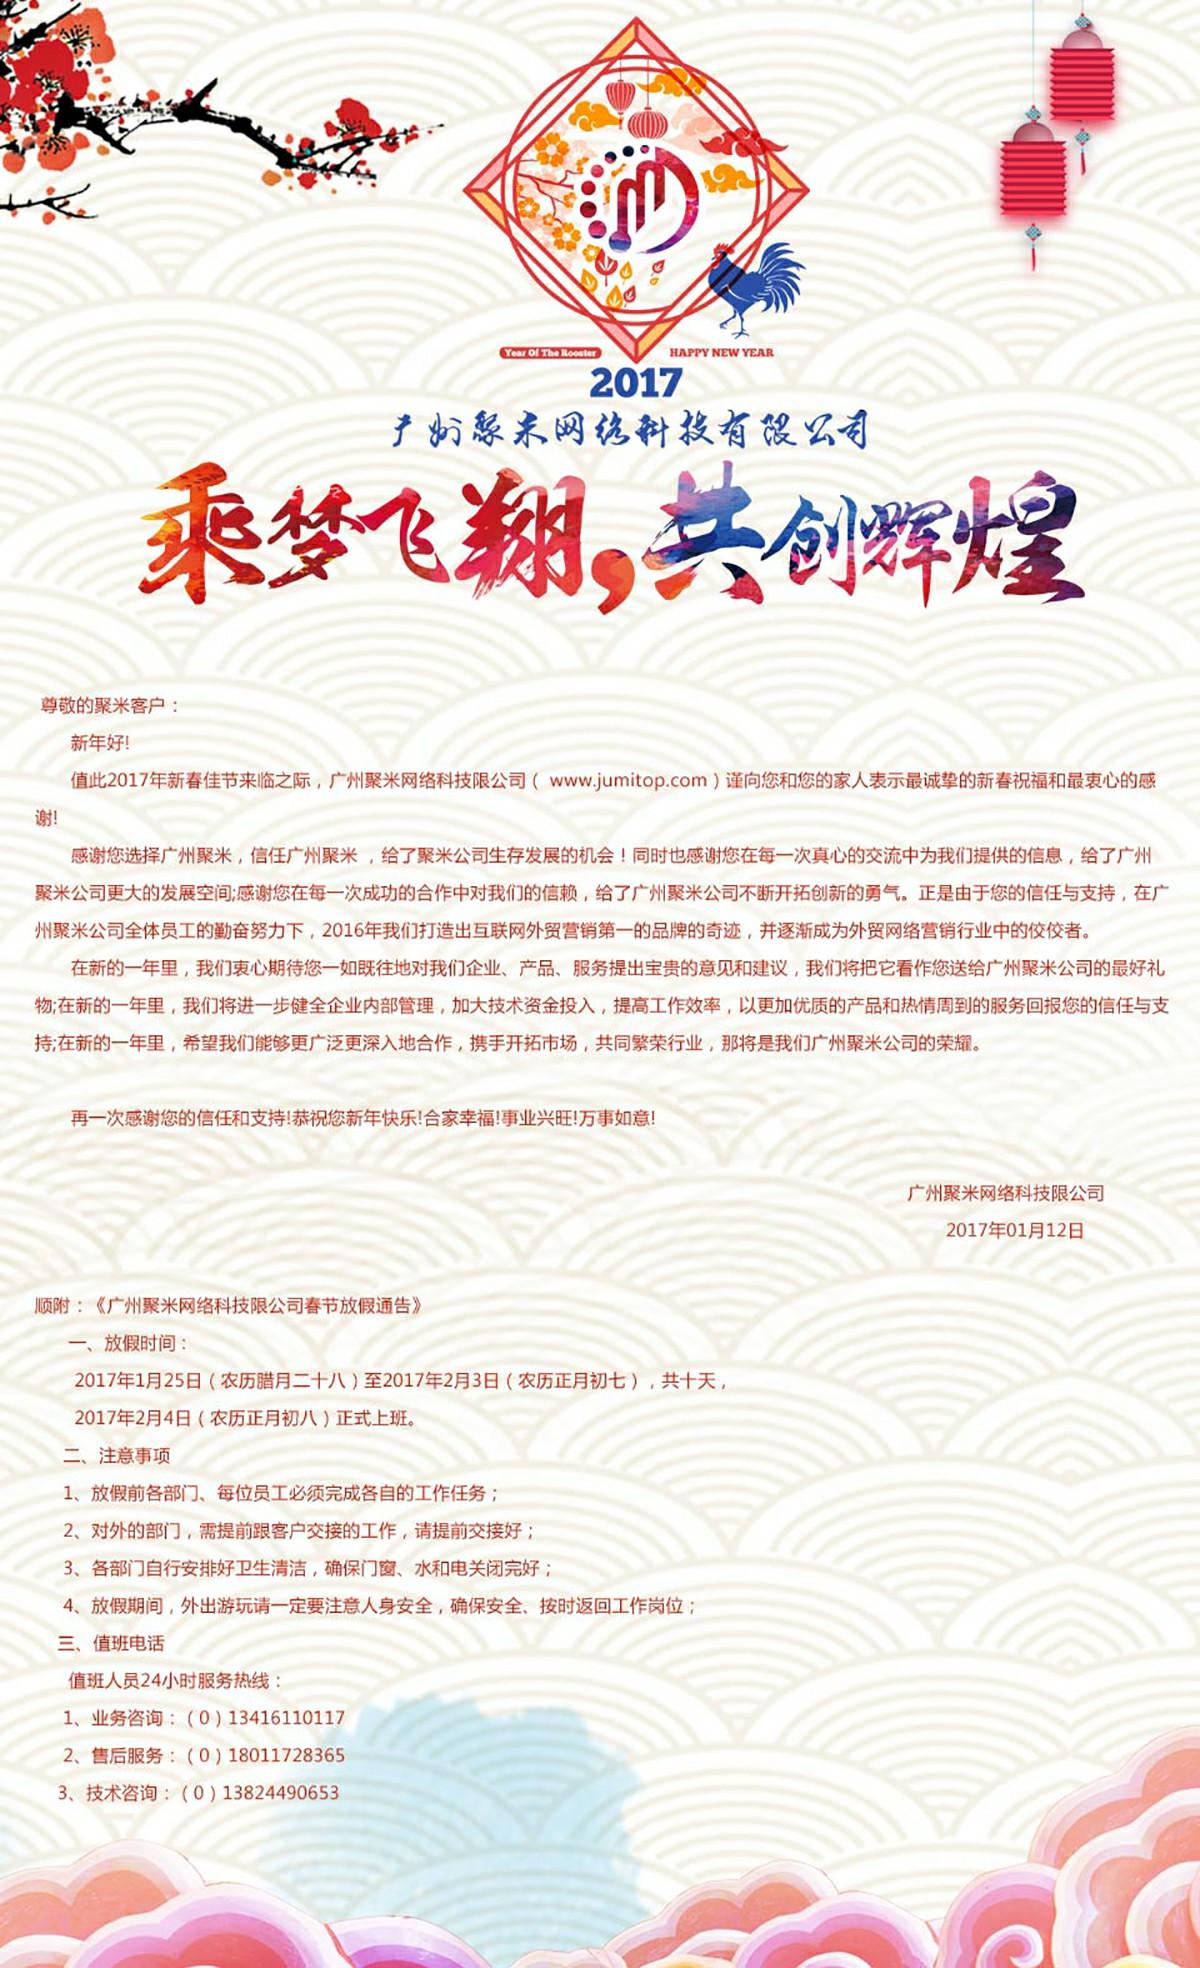 聚米网络2017年春节放假通知